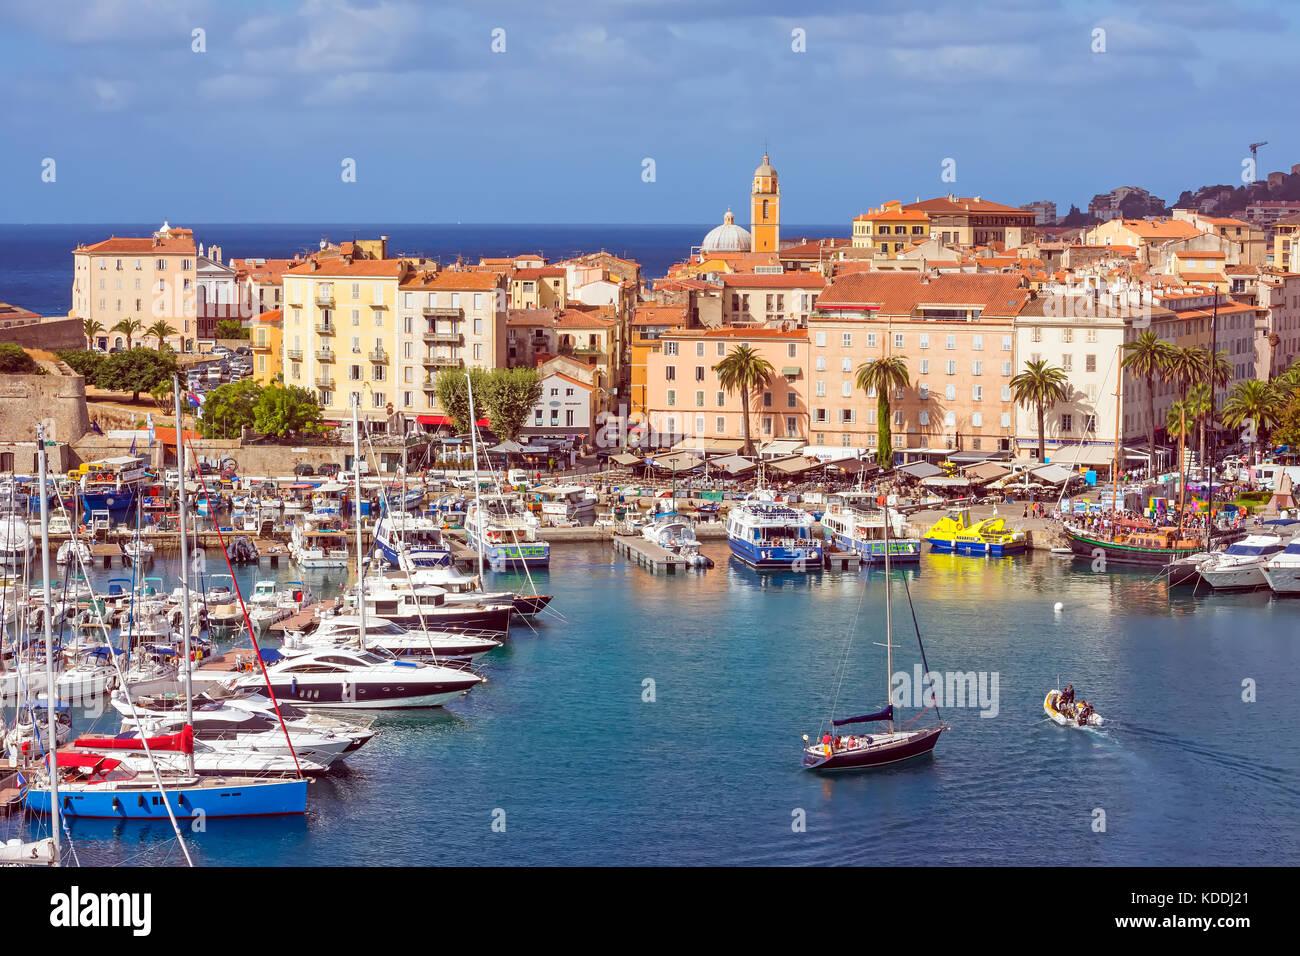 Al di sopra di guardare verso il basso su Ajaccio marina e la Città Vecchia, Corsica, Francia. Immagini Stock